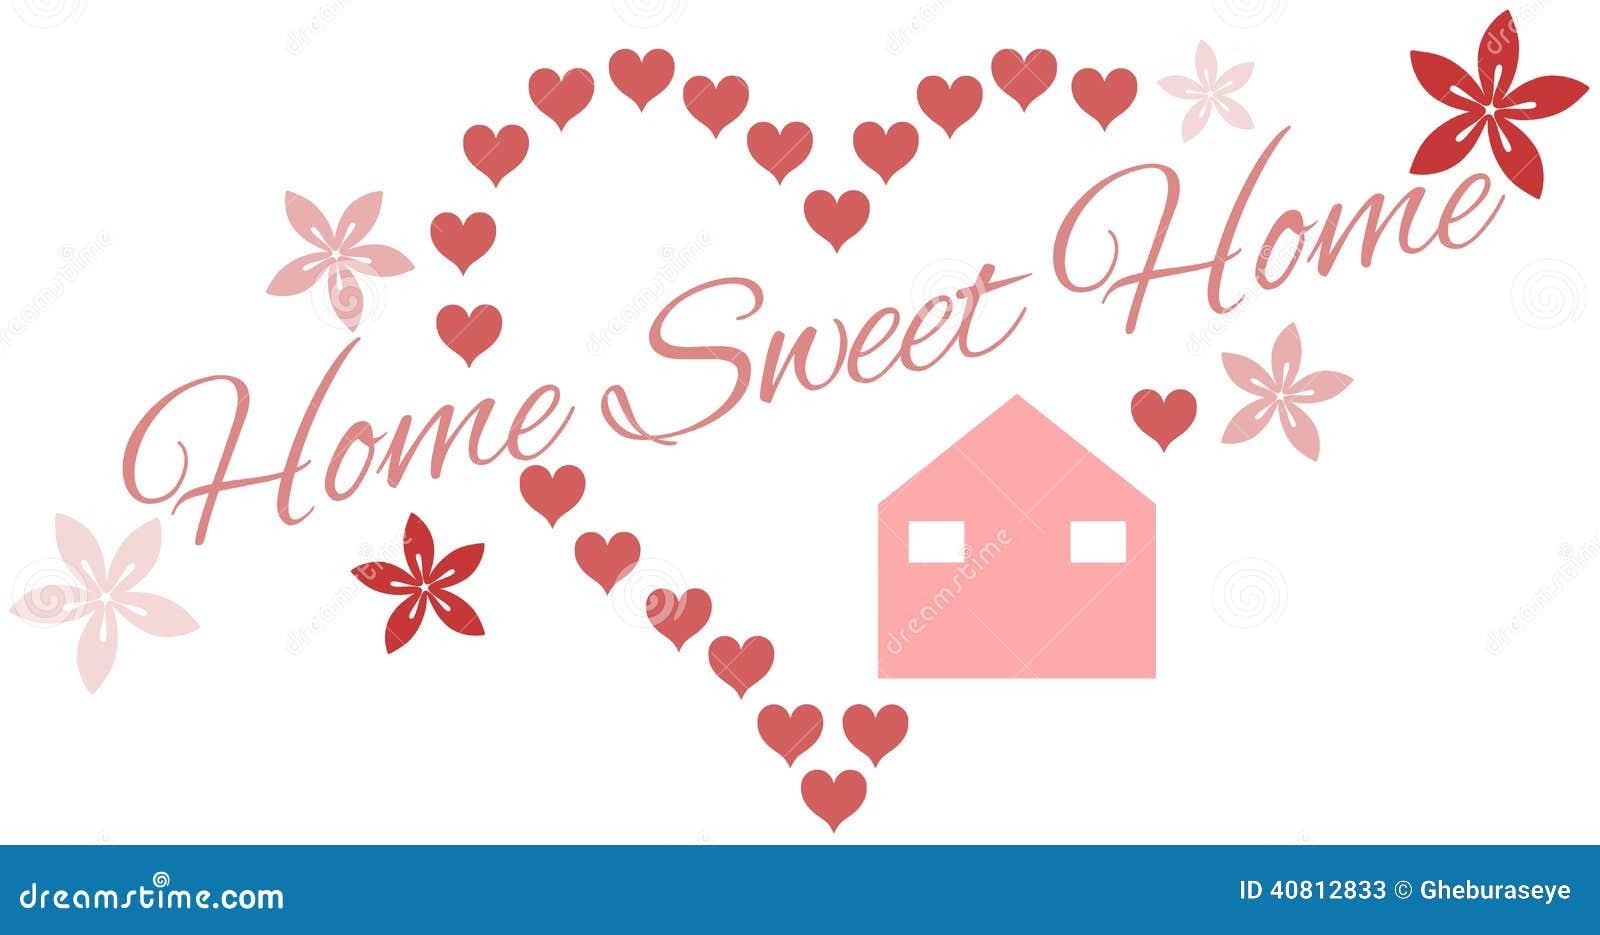 Fondo di casa dolce casa illustrazione vettoriale for Casa dolce